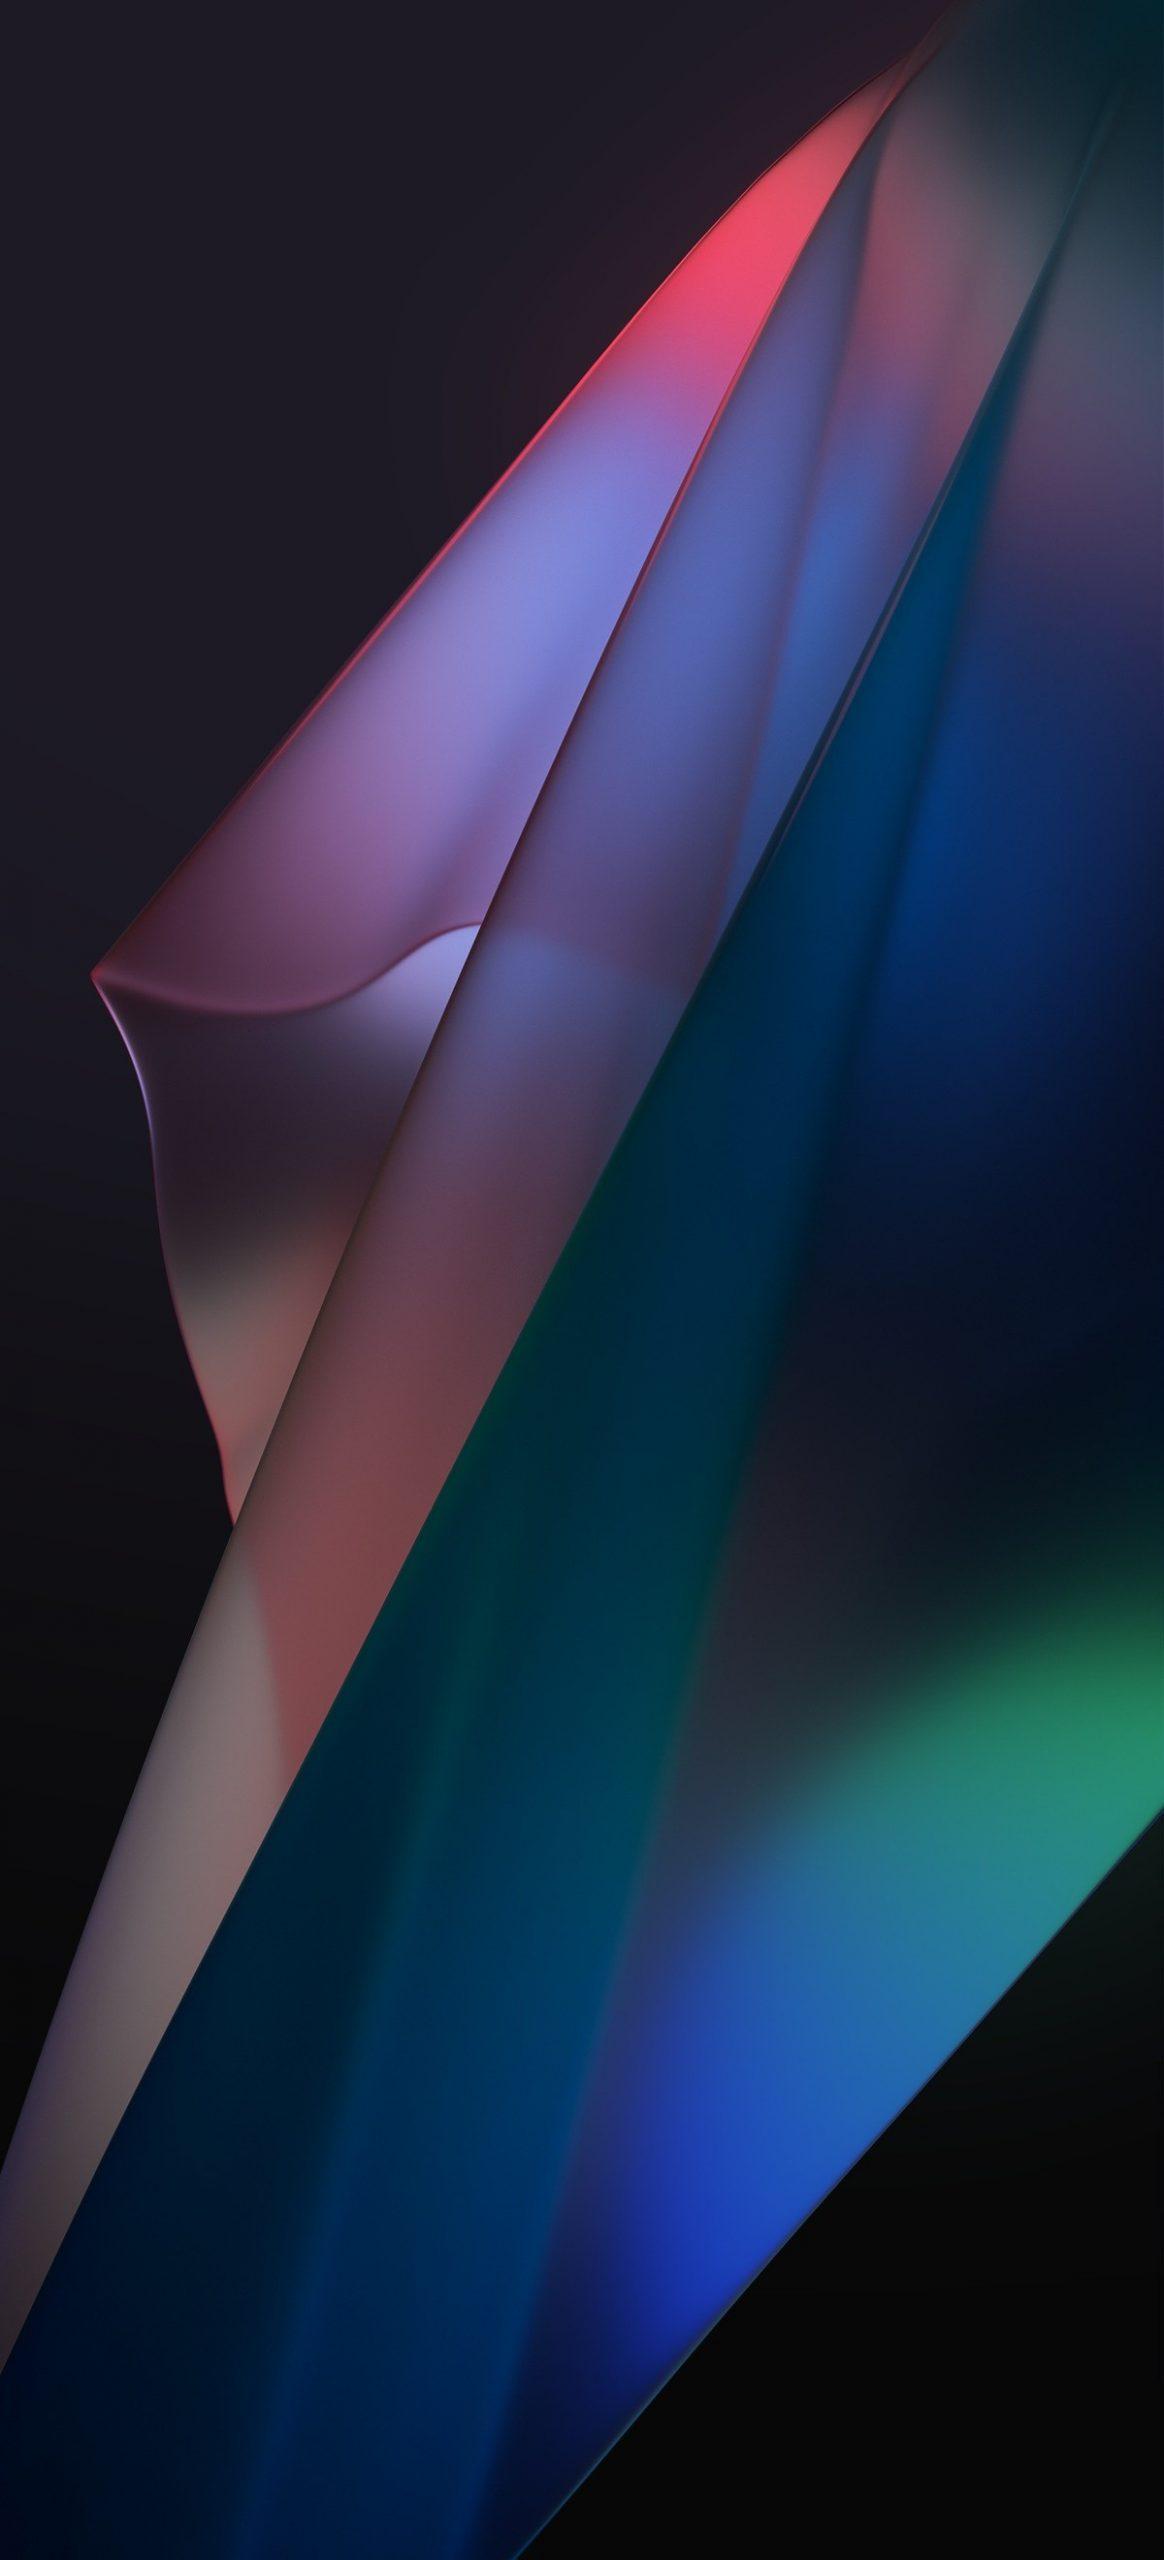 Pour Oppo Find X3 Pro il manque quelques jours, mais les fonds d'écran officiels sont déjà là